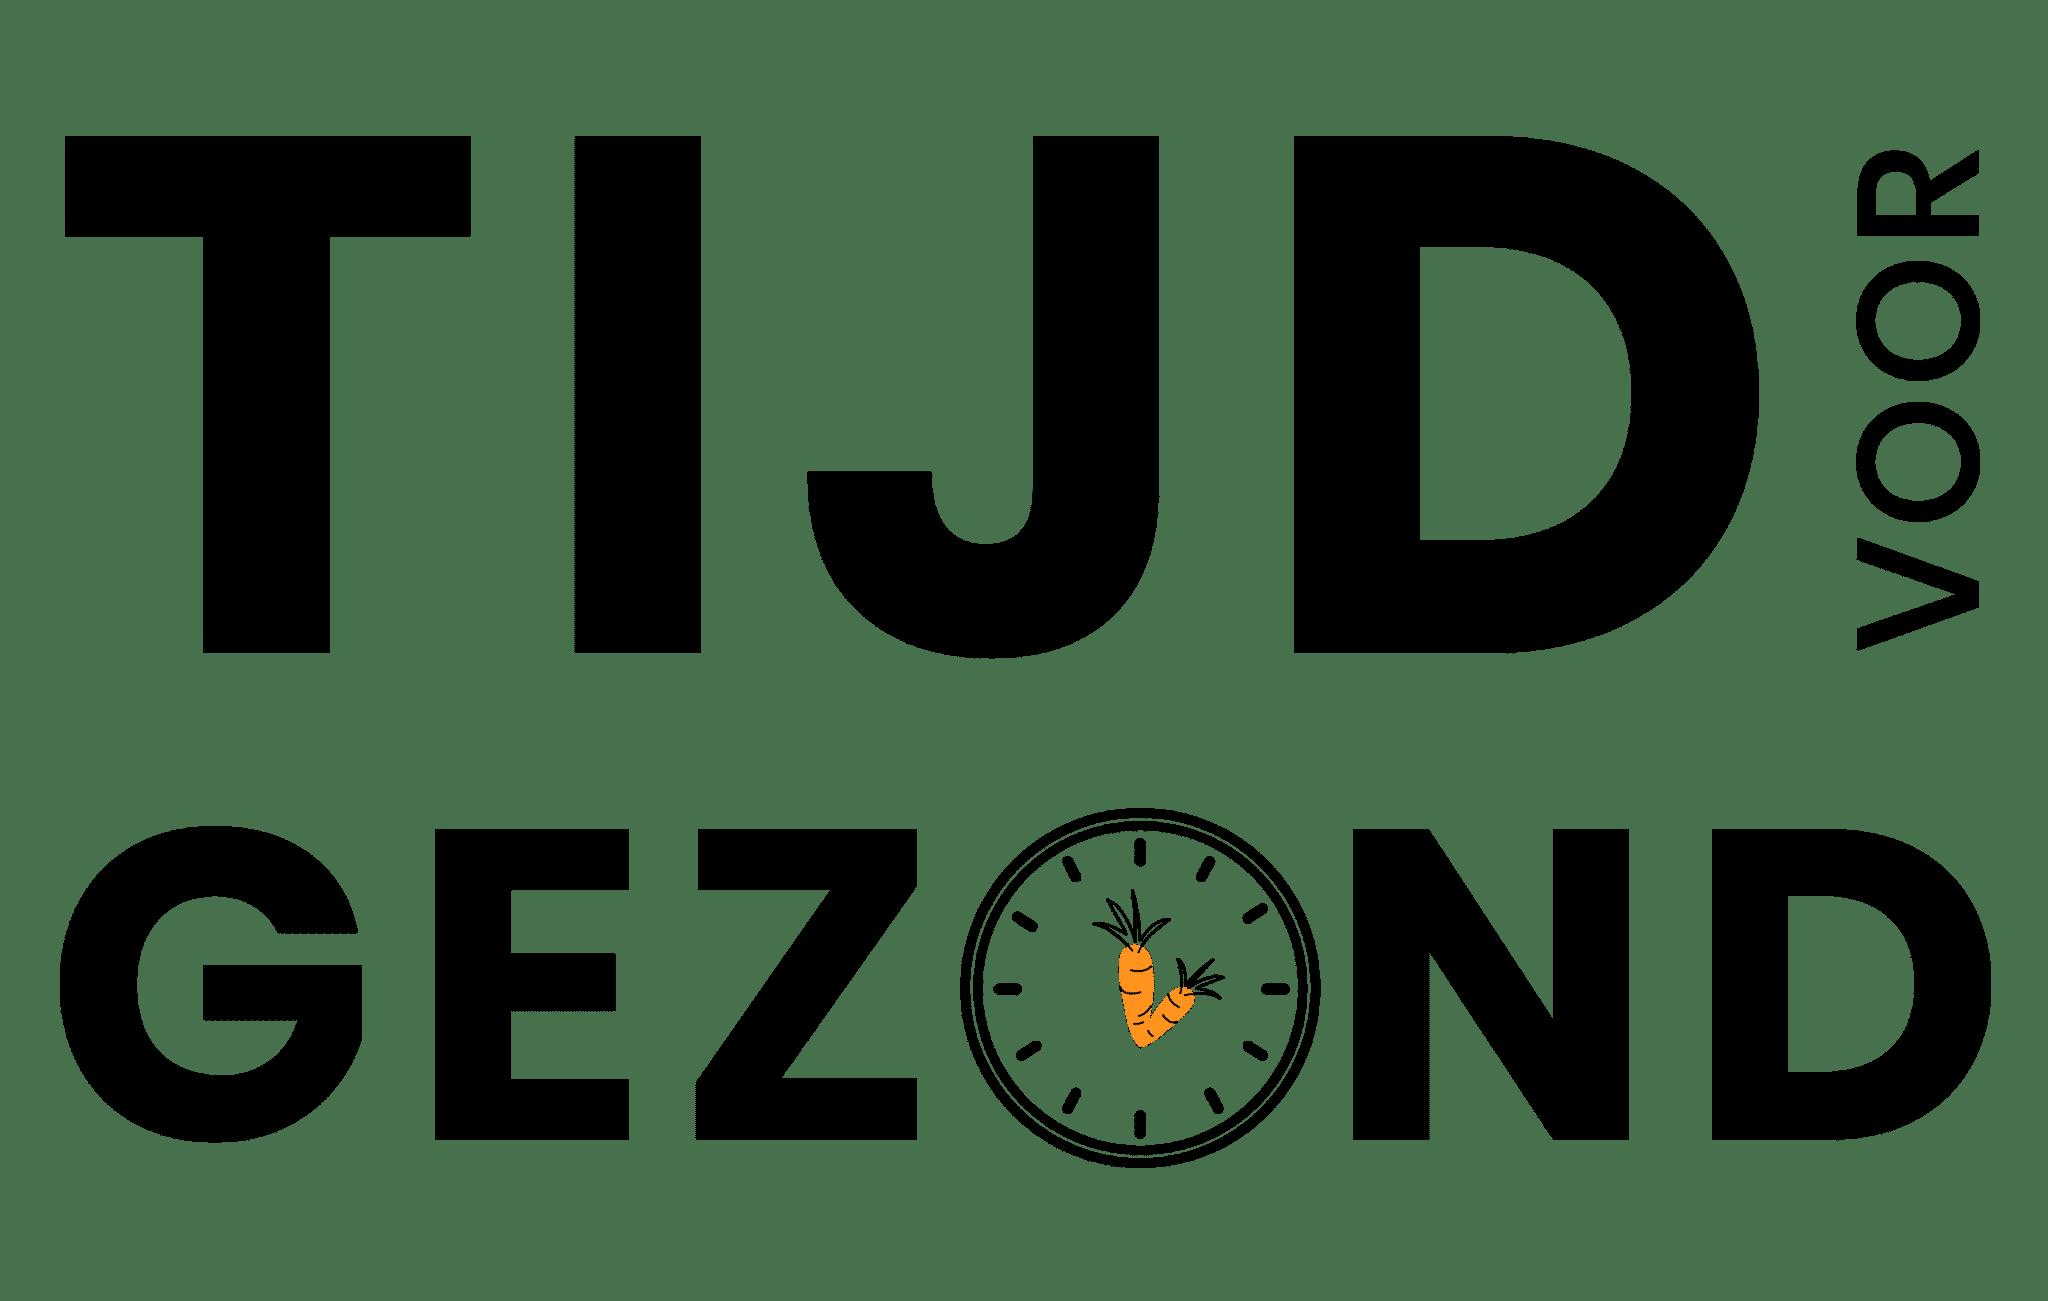 Logo tidj voor gezond - logo - carrot